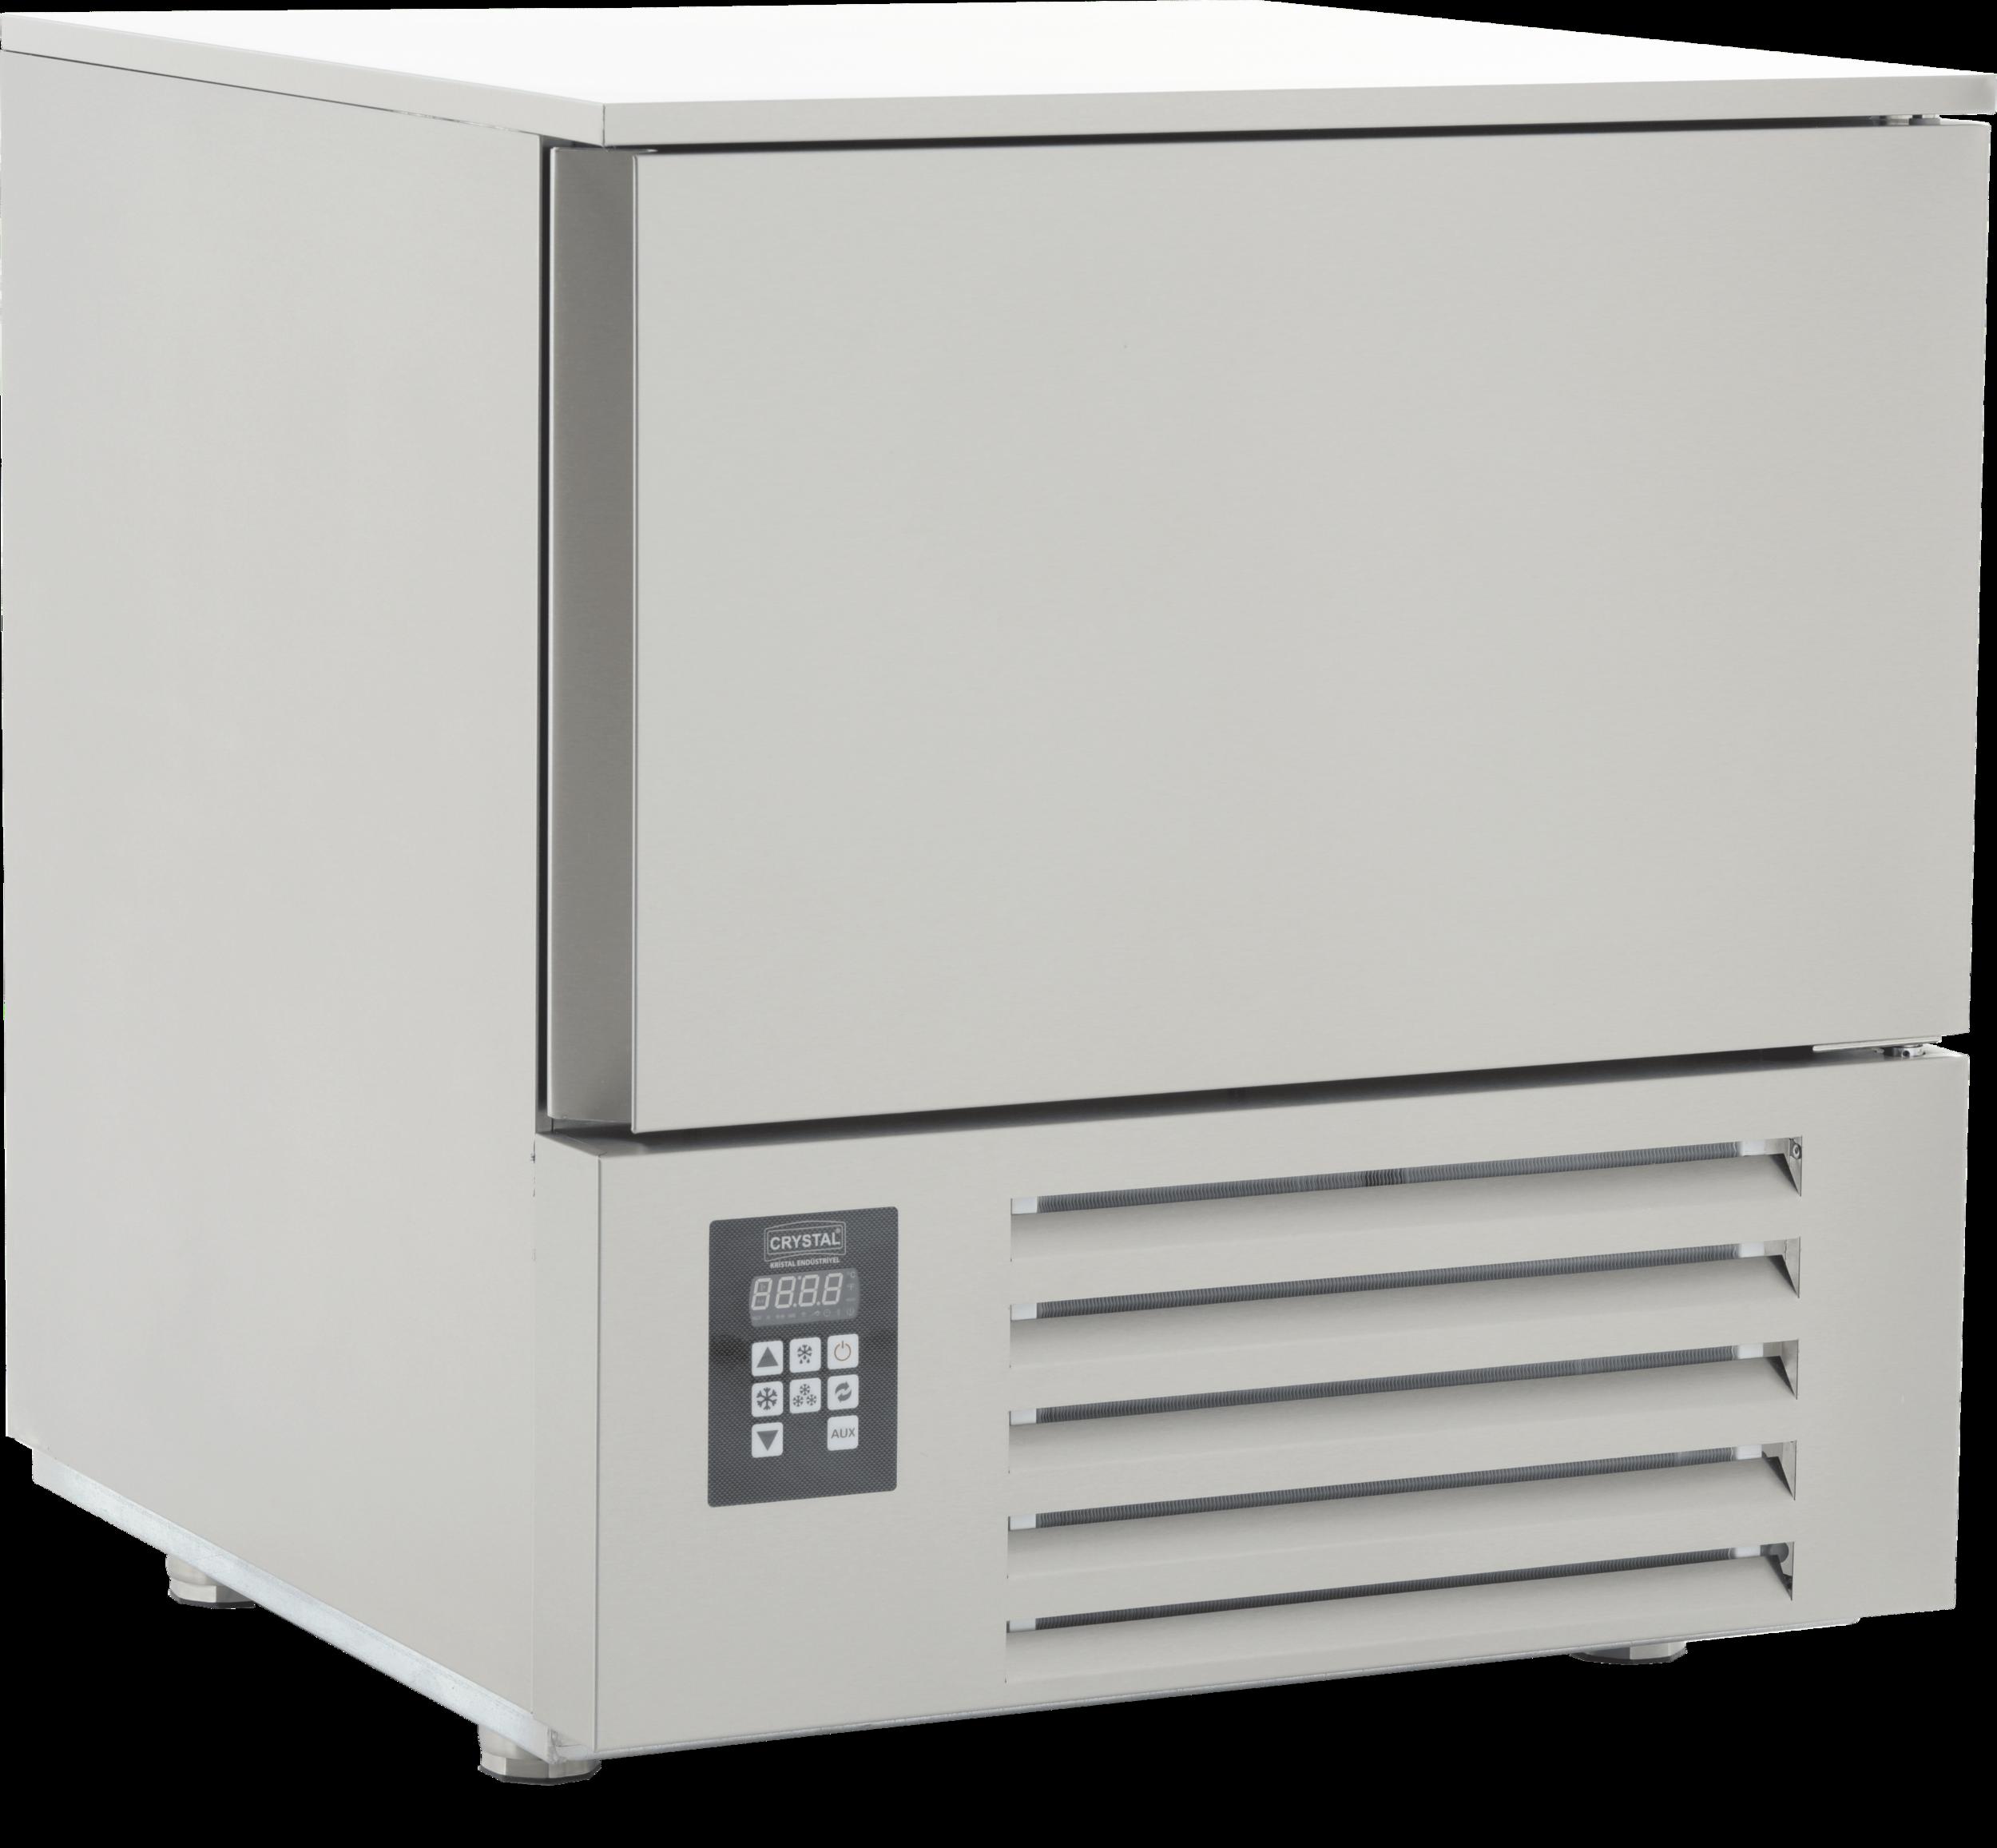 Counter Top 2.0 - Model No. SBF 14Capacity: 14 - 20 Kg